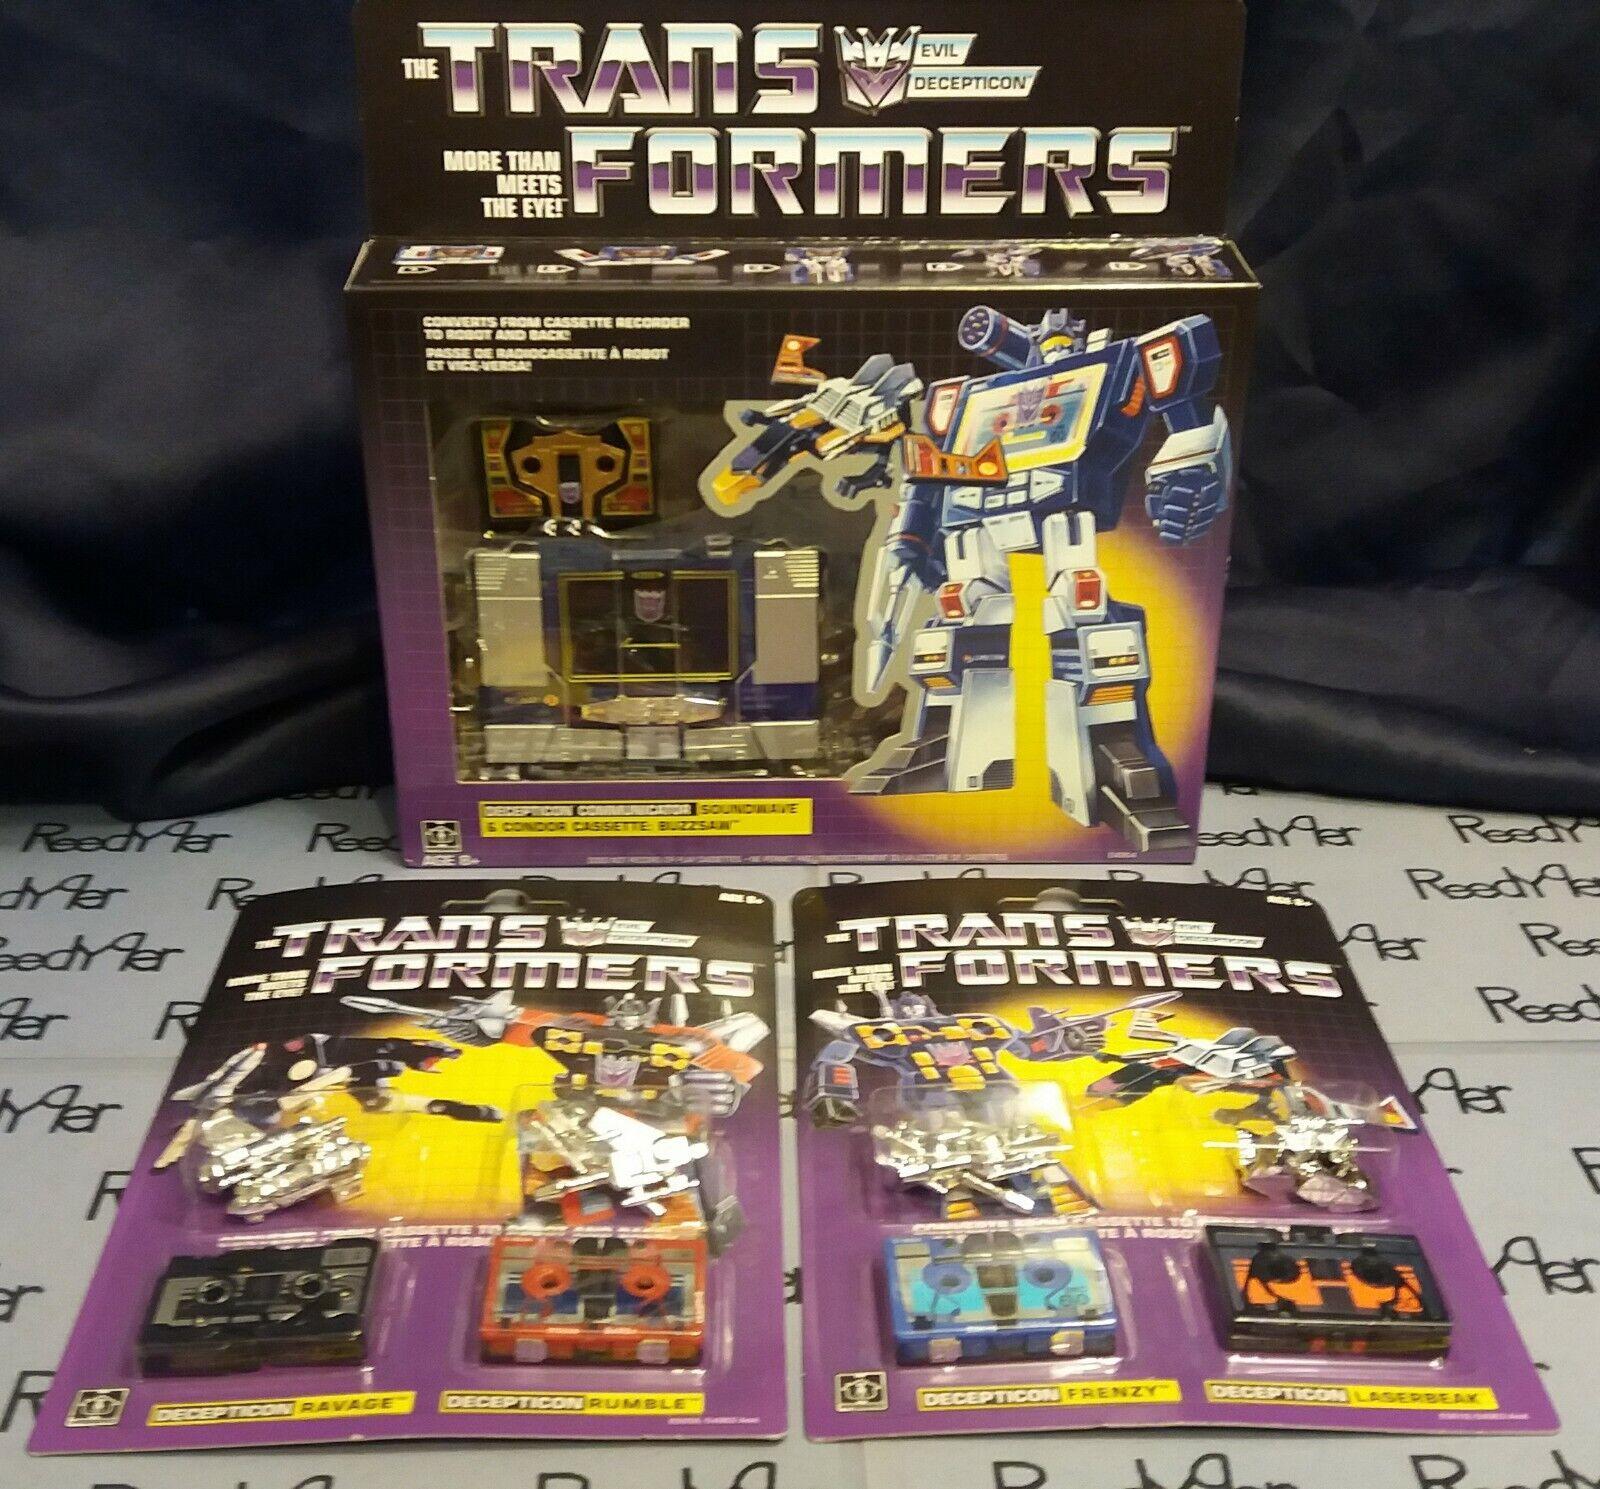 Transformers Decepticon Soundwave Action Figure G1 Rerelease & 4 cassette tapes